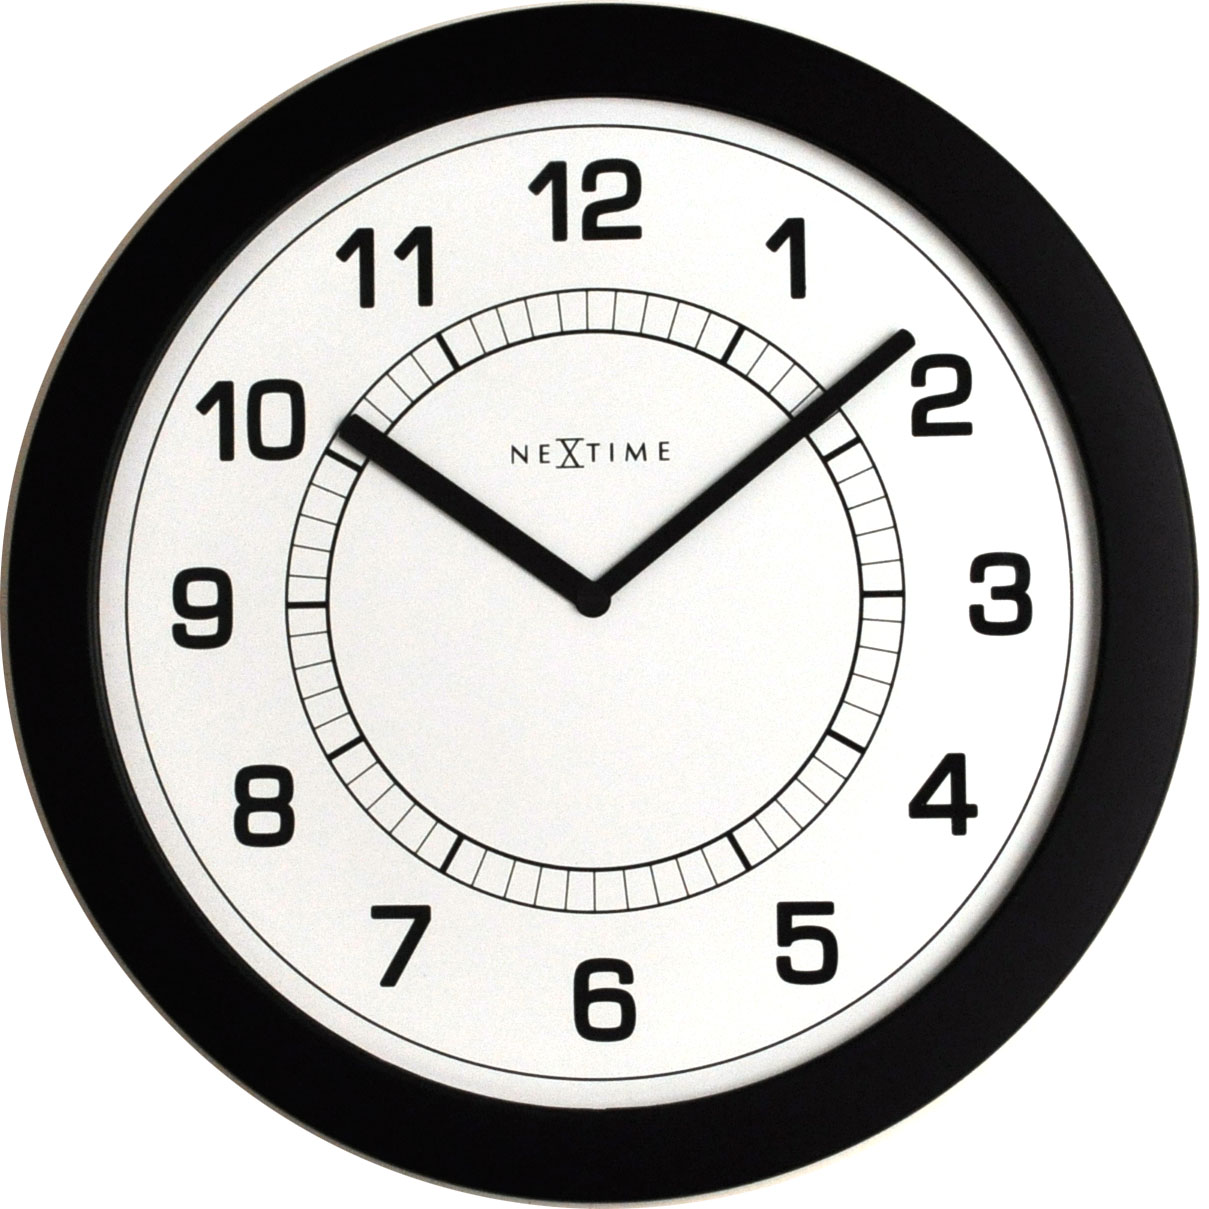 Nástěnné hodiny Super slim 28 cm černé - NEXTIME